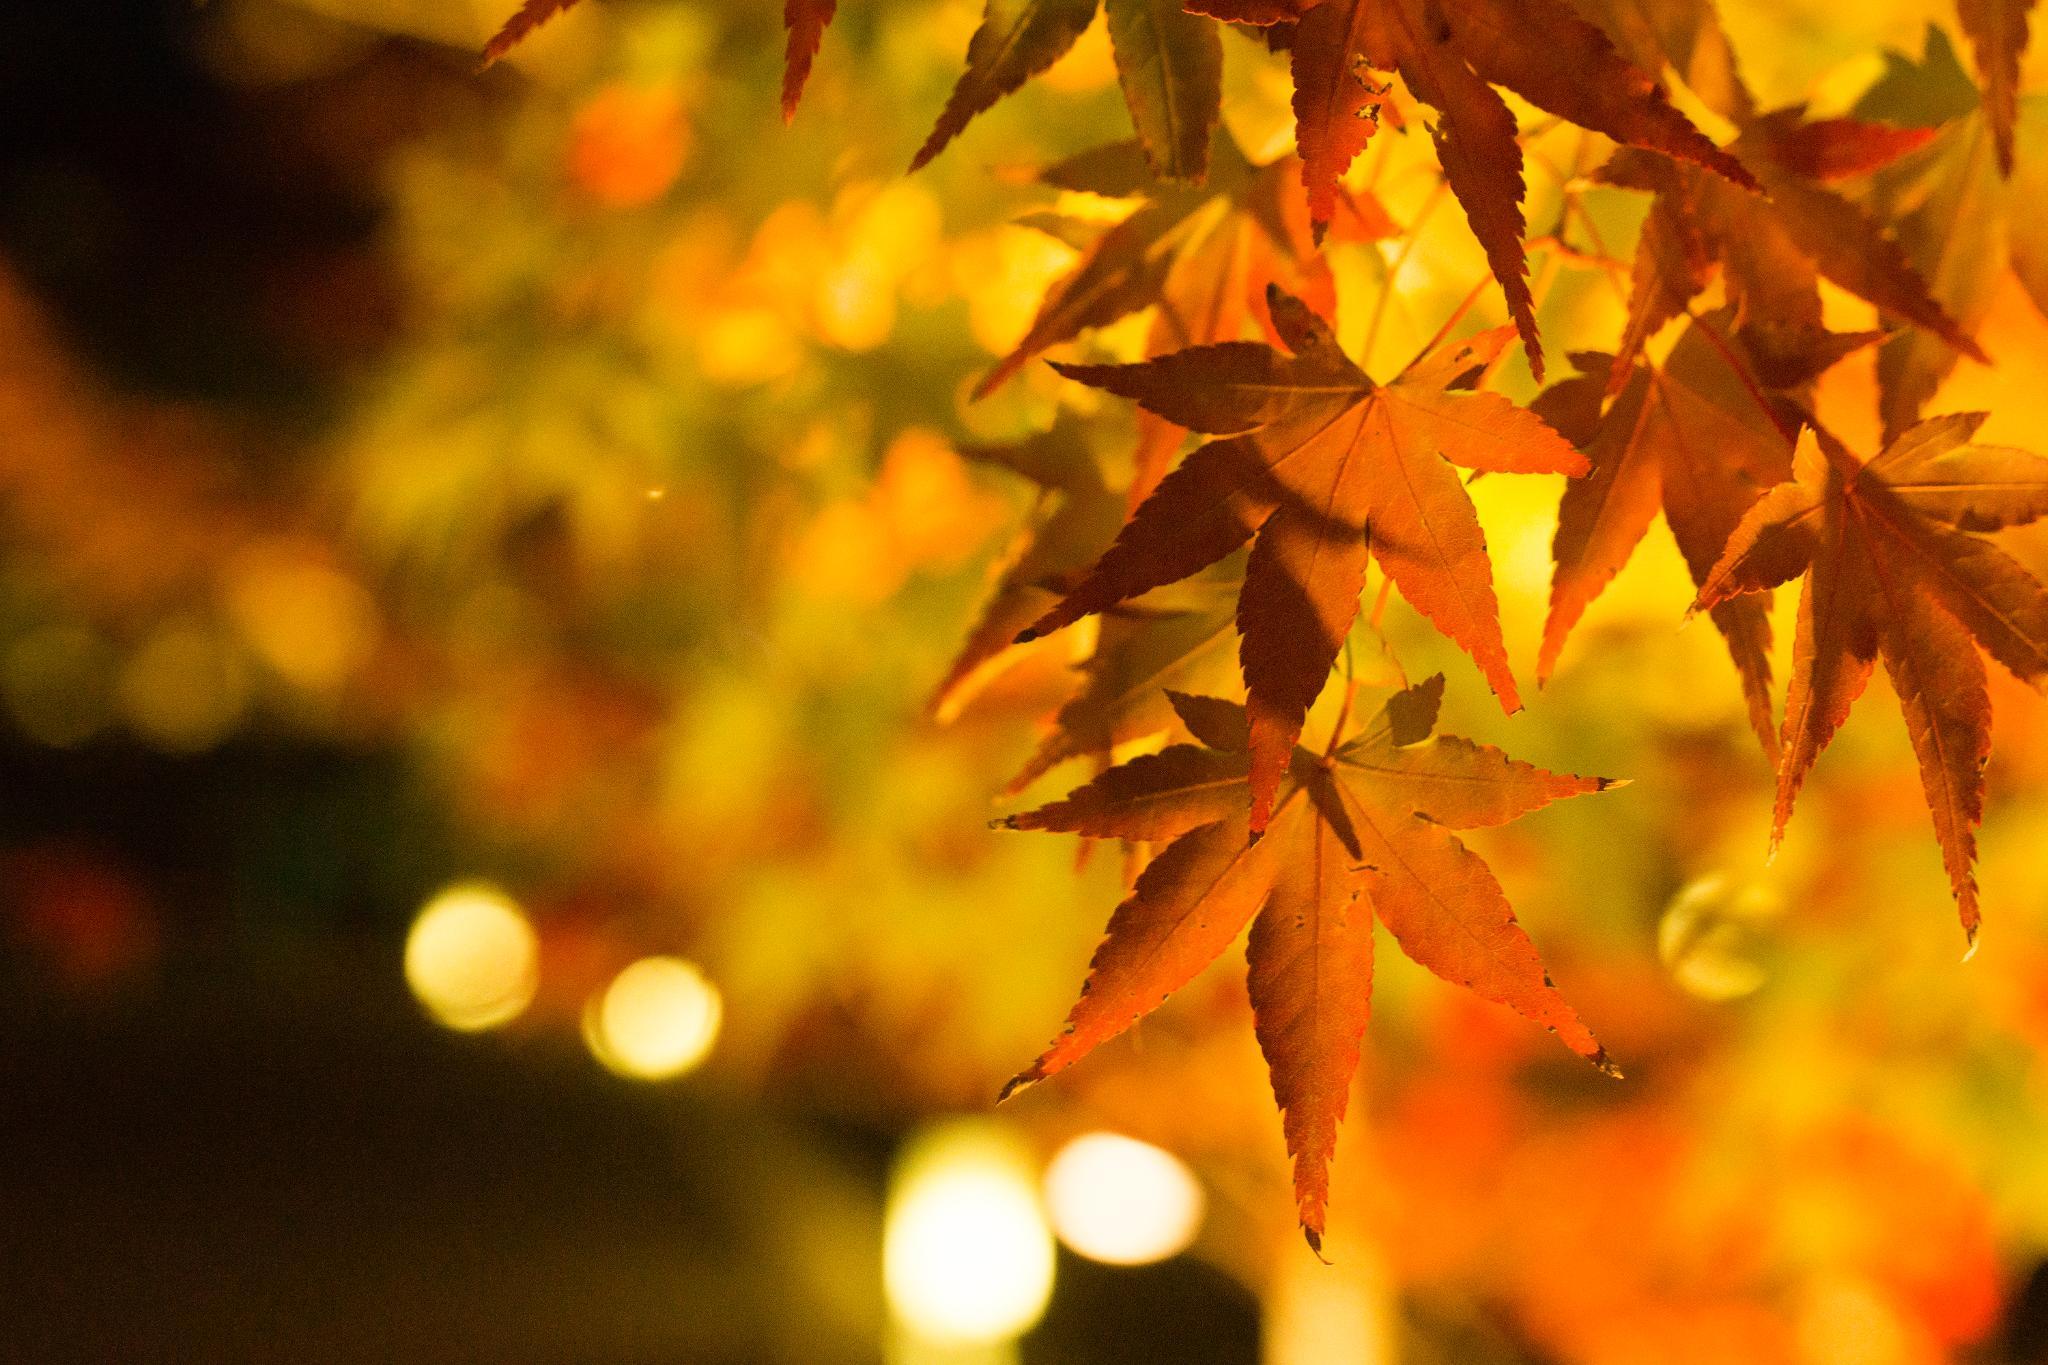 【京都】此生必來的紅葉狩絕景 - 永觀堂夜楓 138